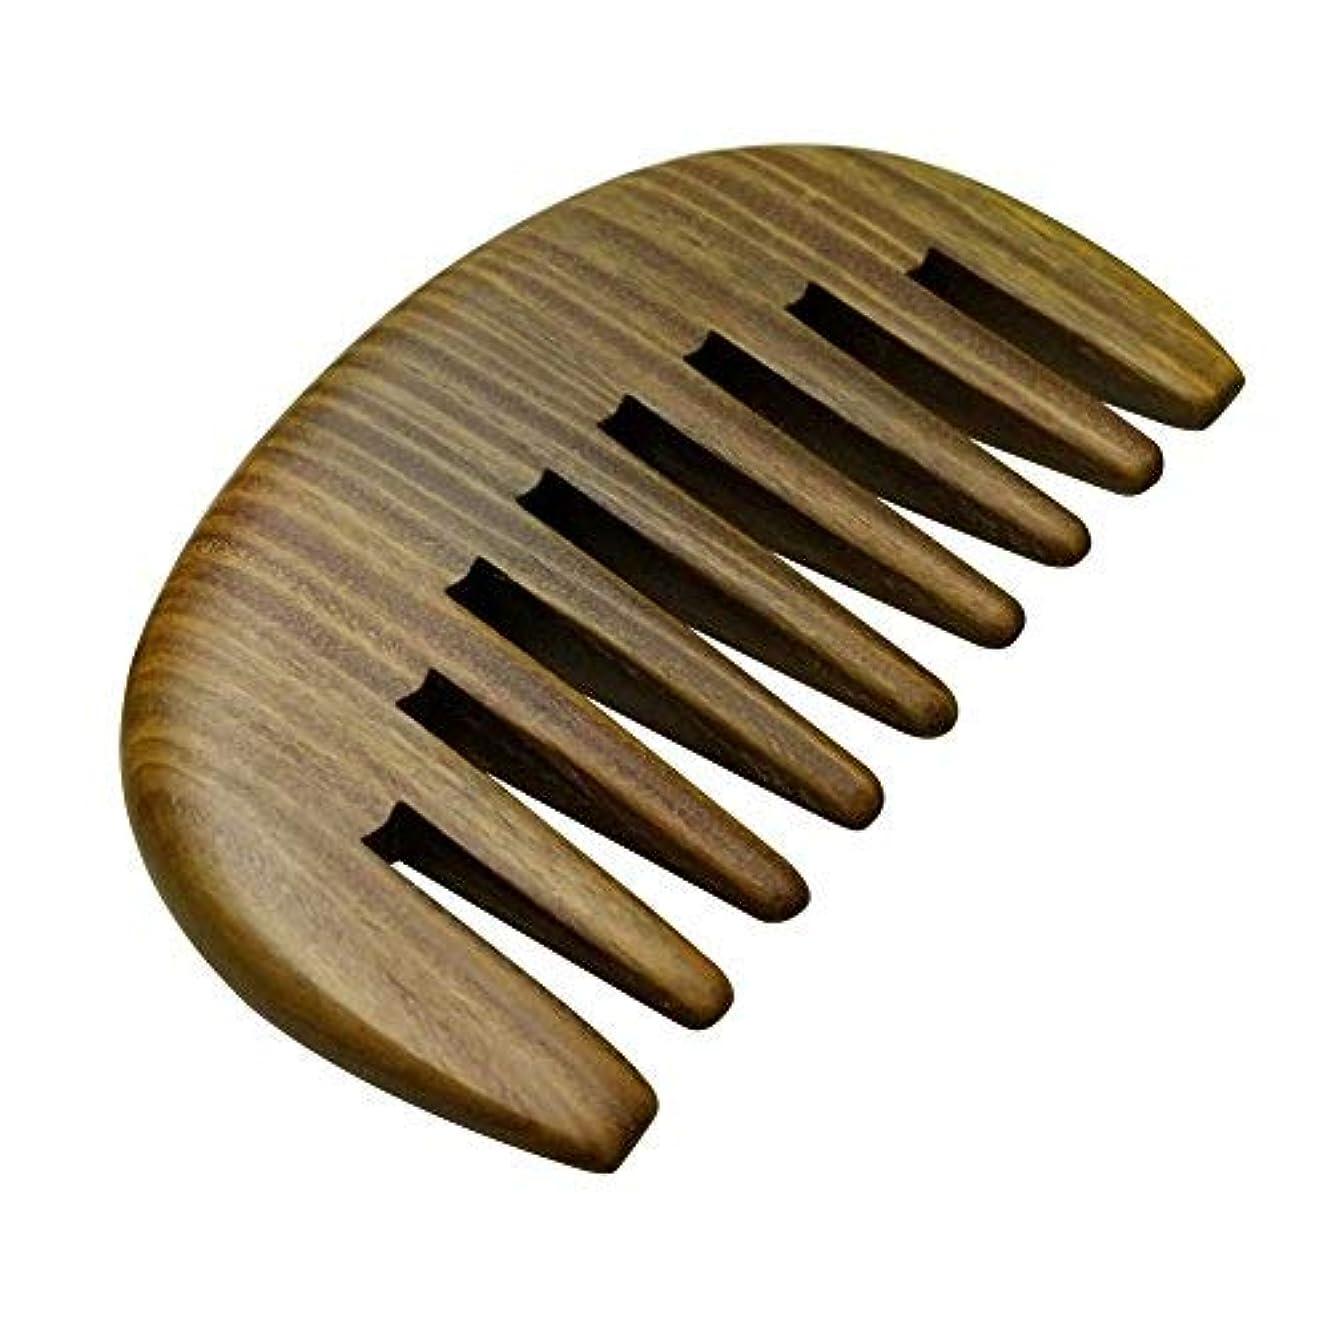 科学者起こりやすい奇跡的なHair Comb Wooden Wide Tooth Detangling Comb for Curly Hair Anti-Static Wood Combs Handmade Natural Sandalwood...